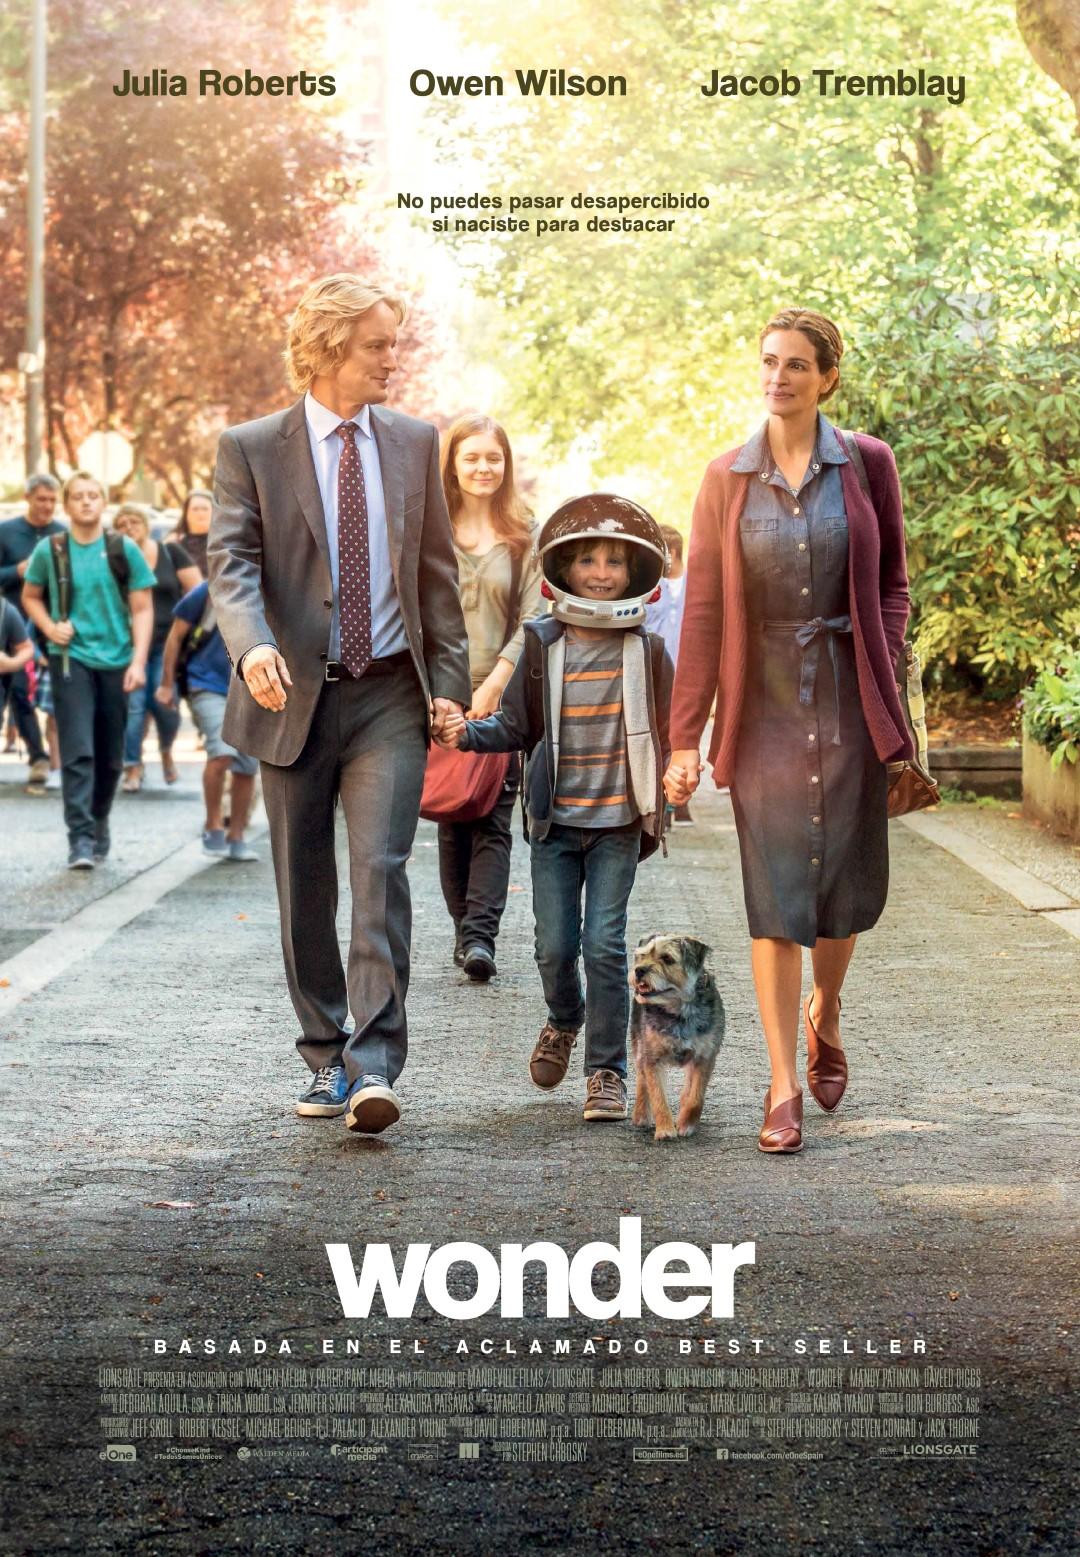 'Wonder': Nuevo póster de la emocionante historia con Julia Roberts y Owen Wilson